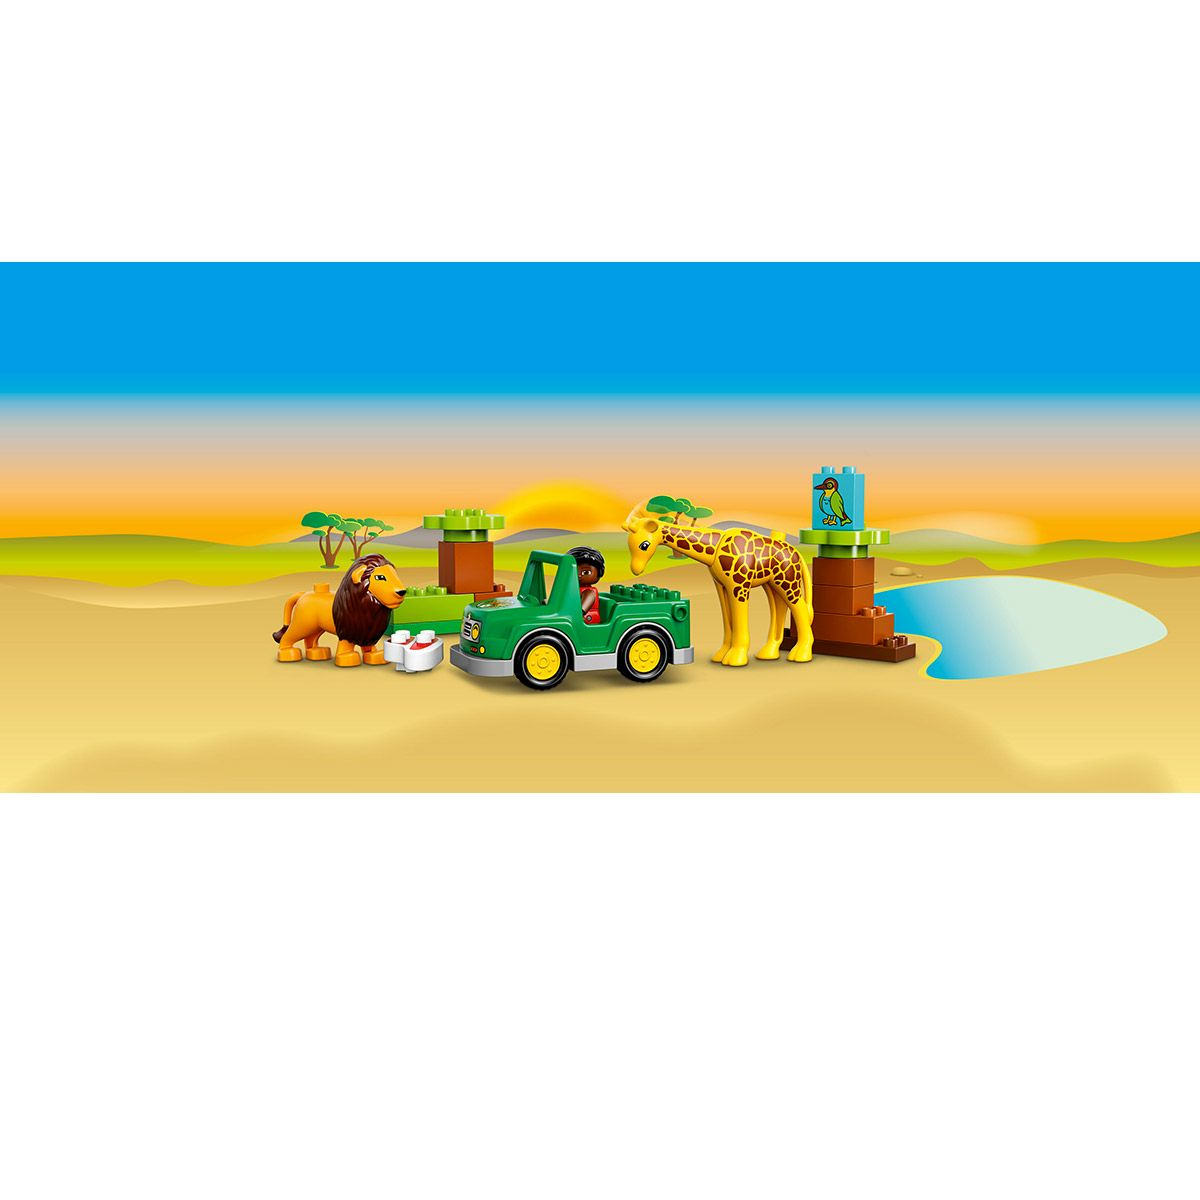 Aventures Lego® De Animaux La Duplo® Sport 10802 Et Les Savane wZlPOuTXki